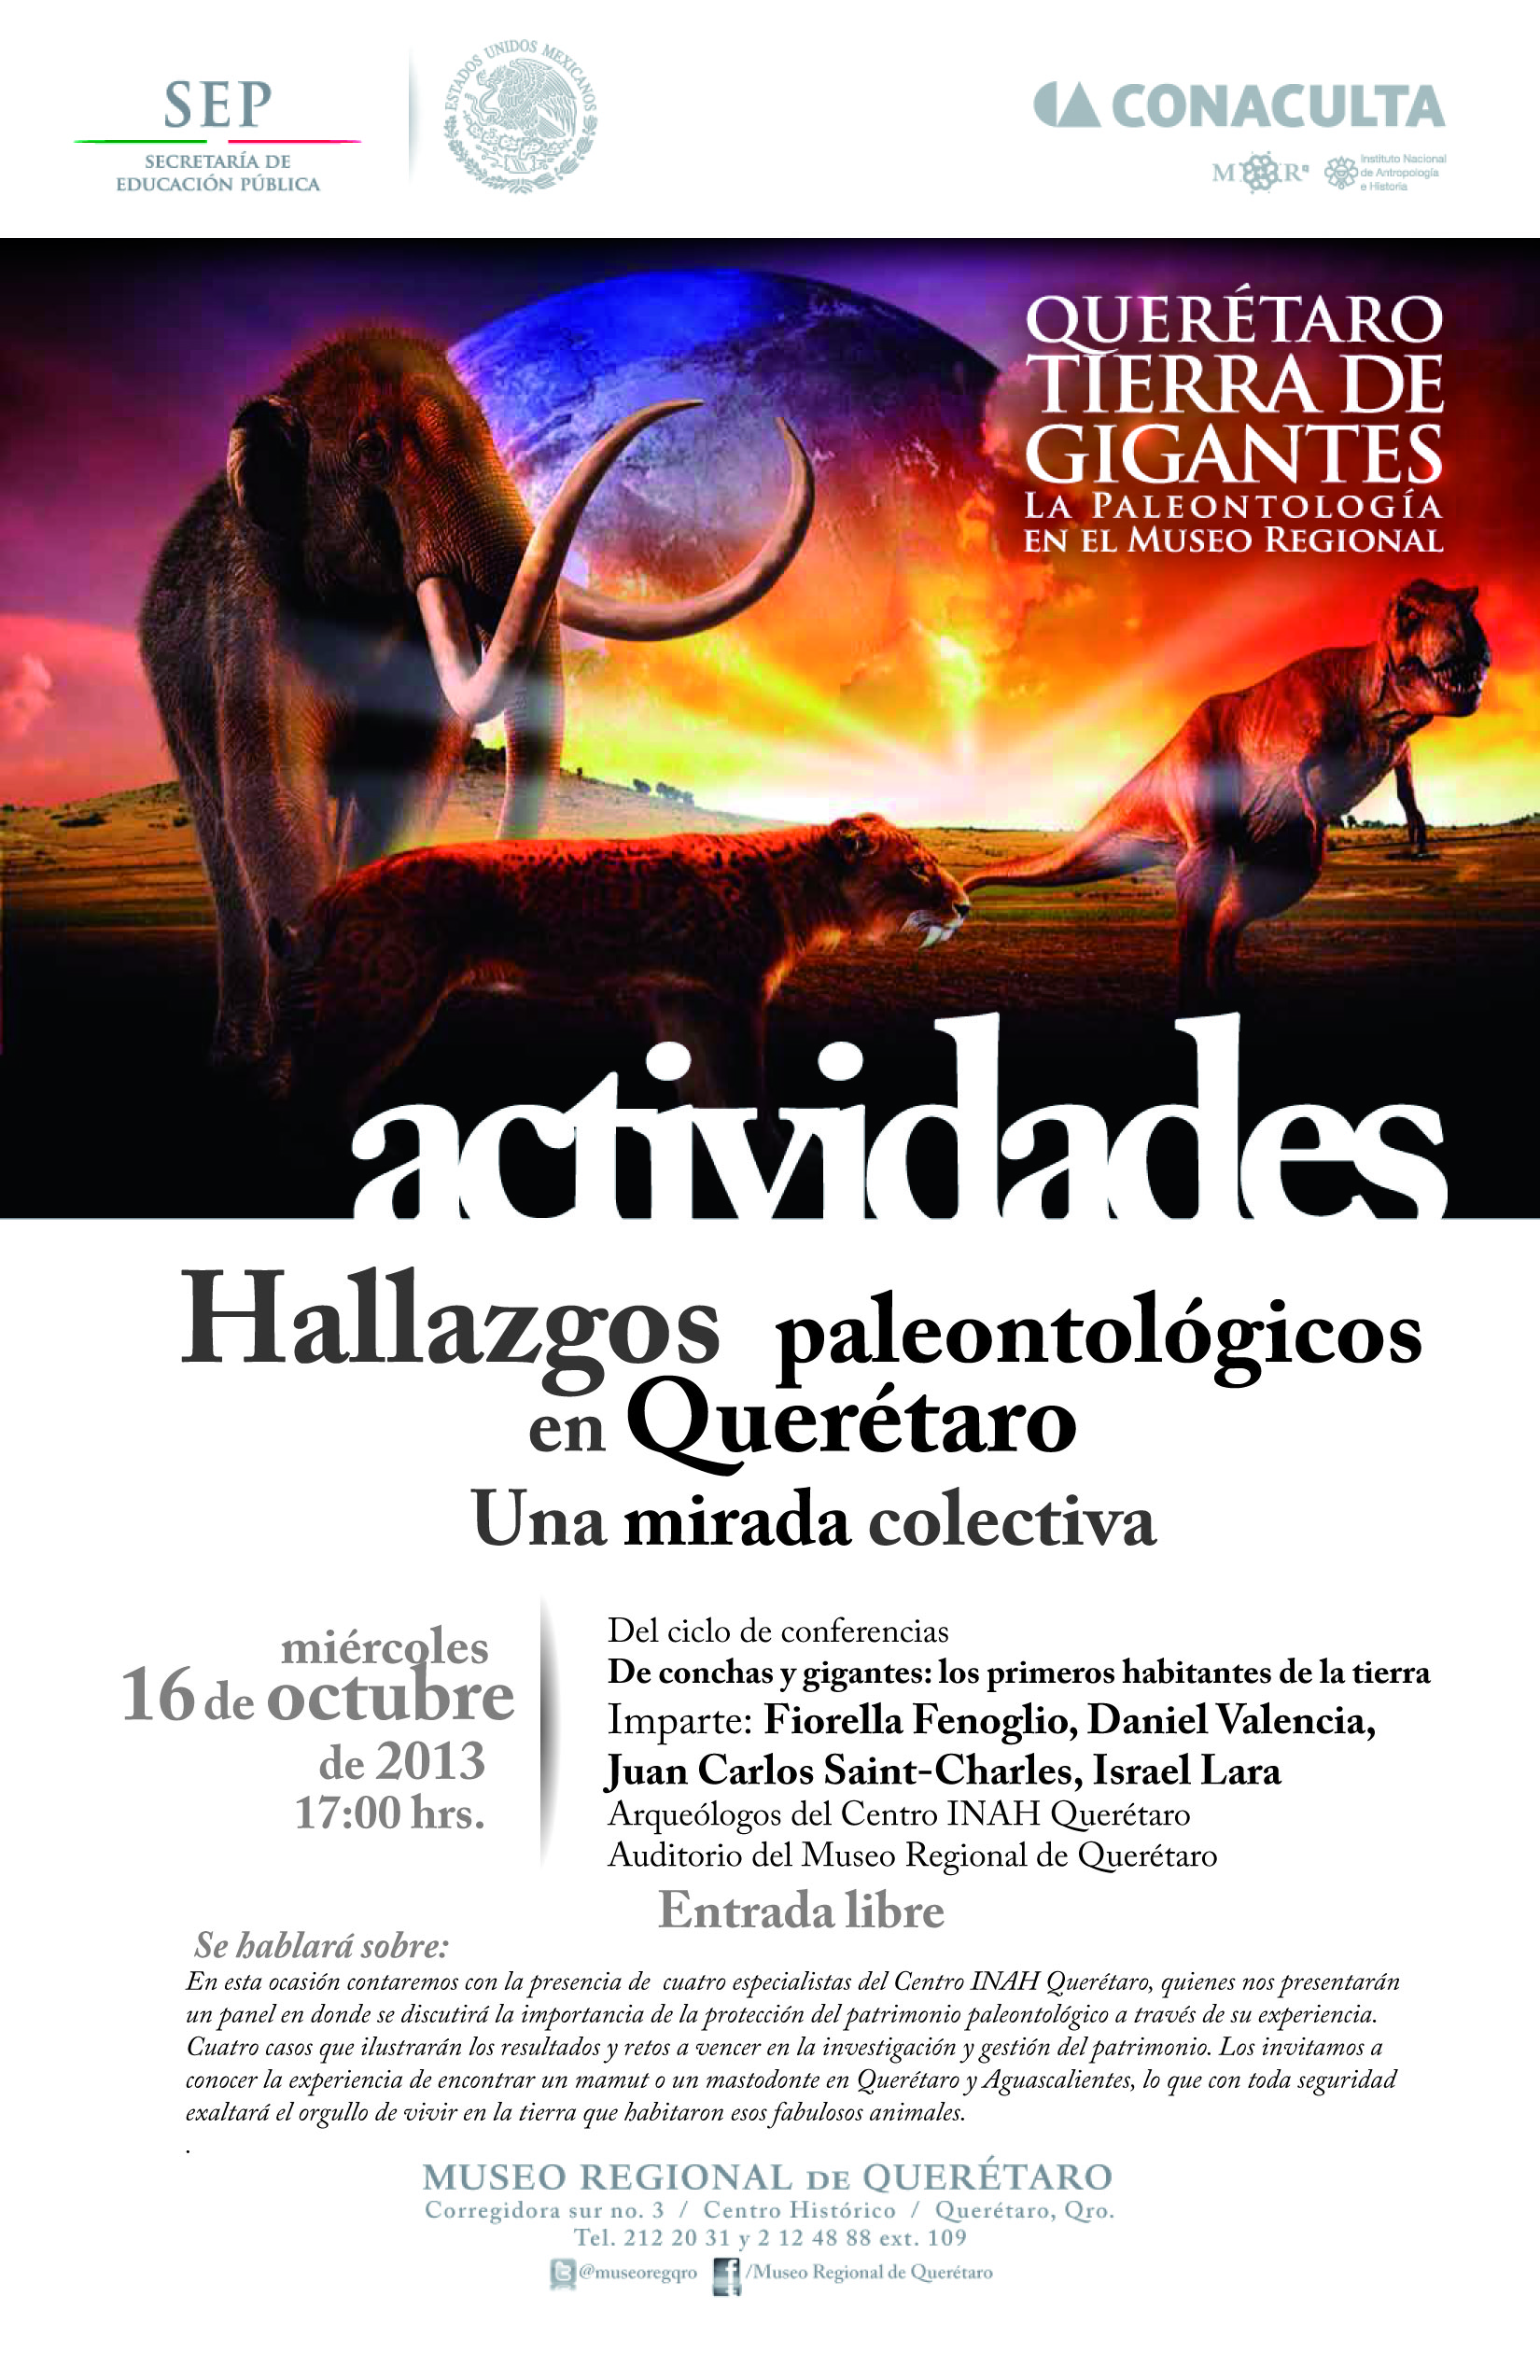 Conferencia: Hallazgos paleontológicos en Querétaro